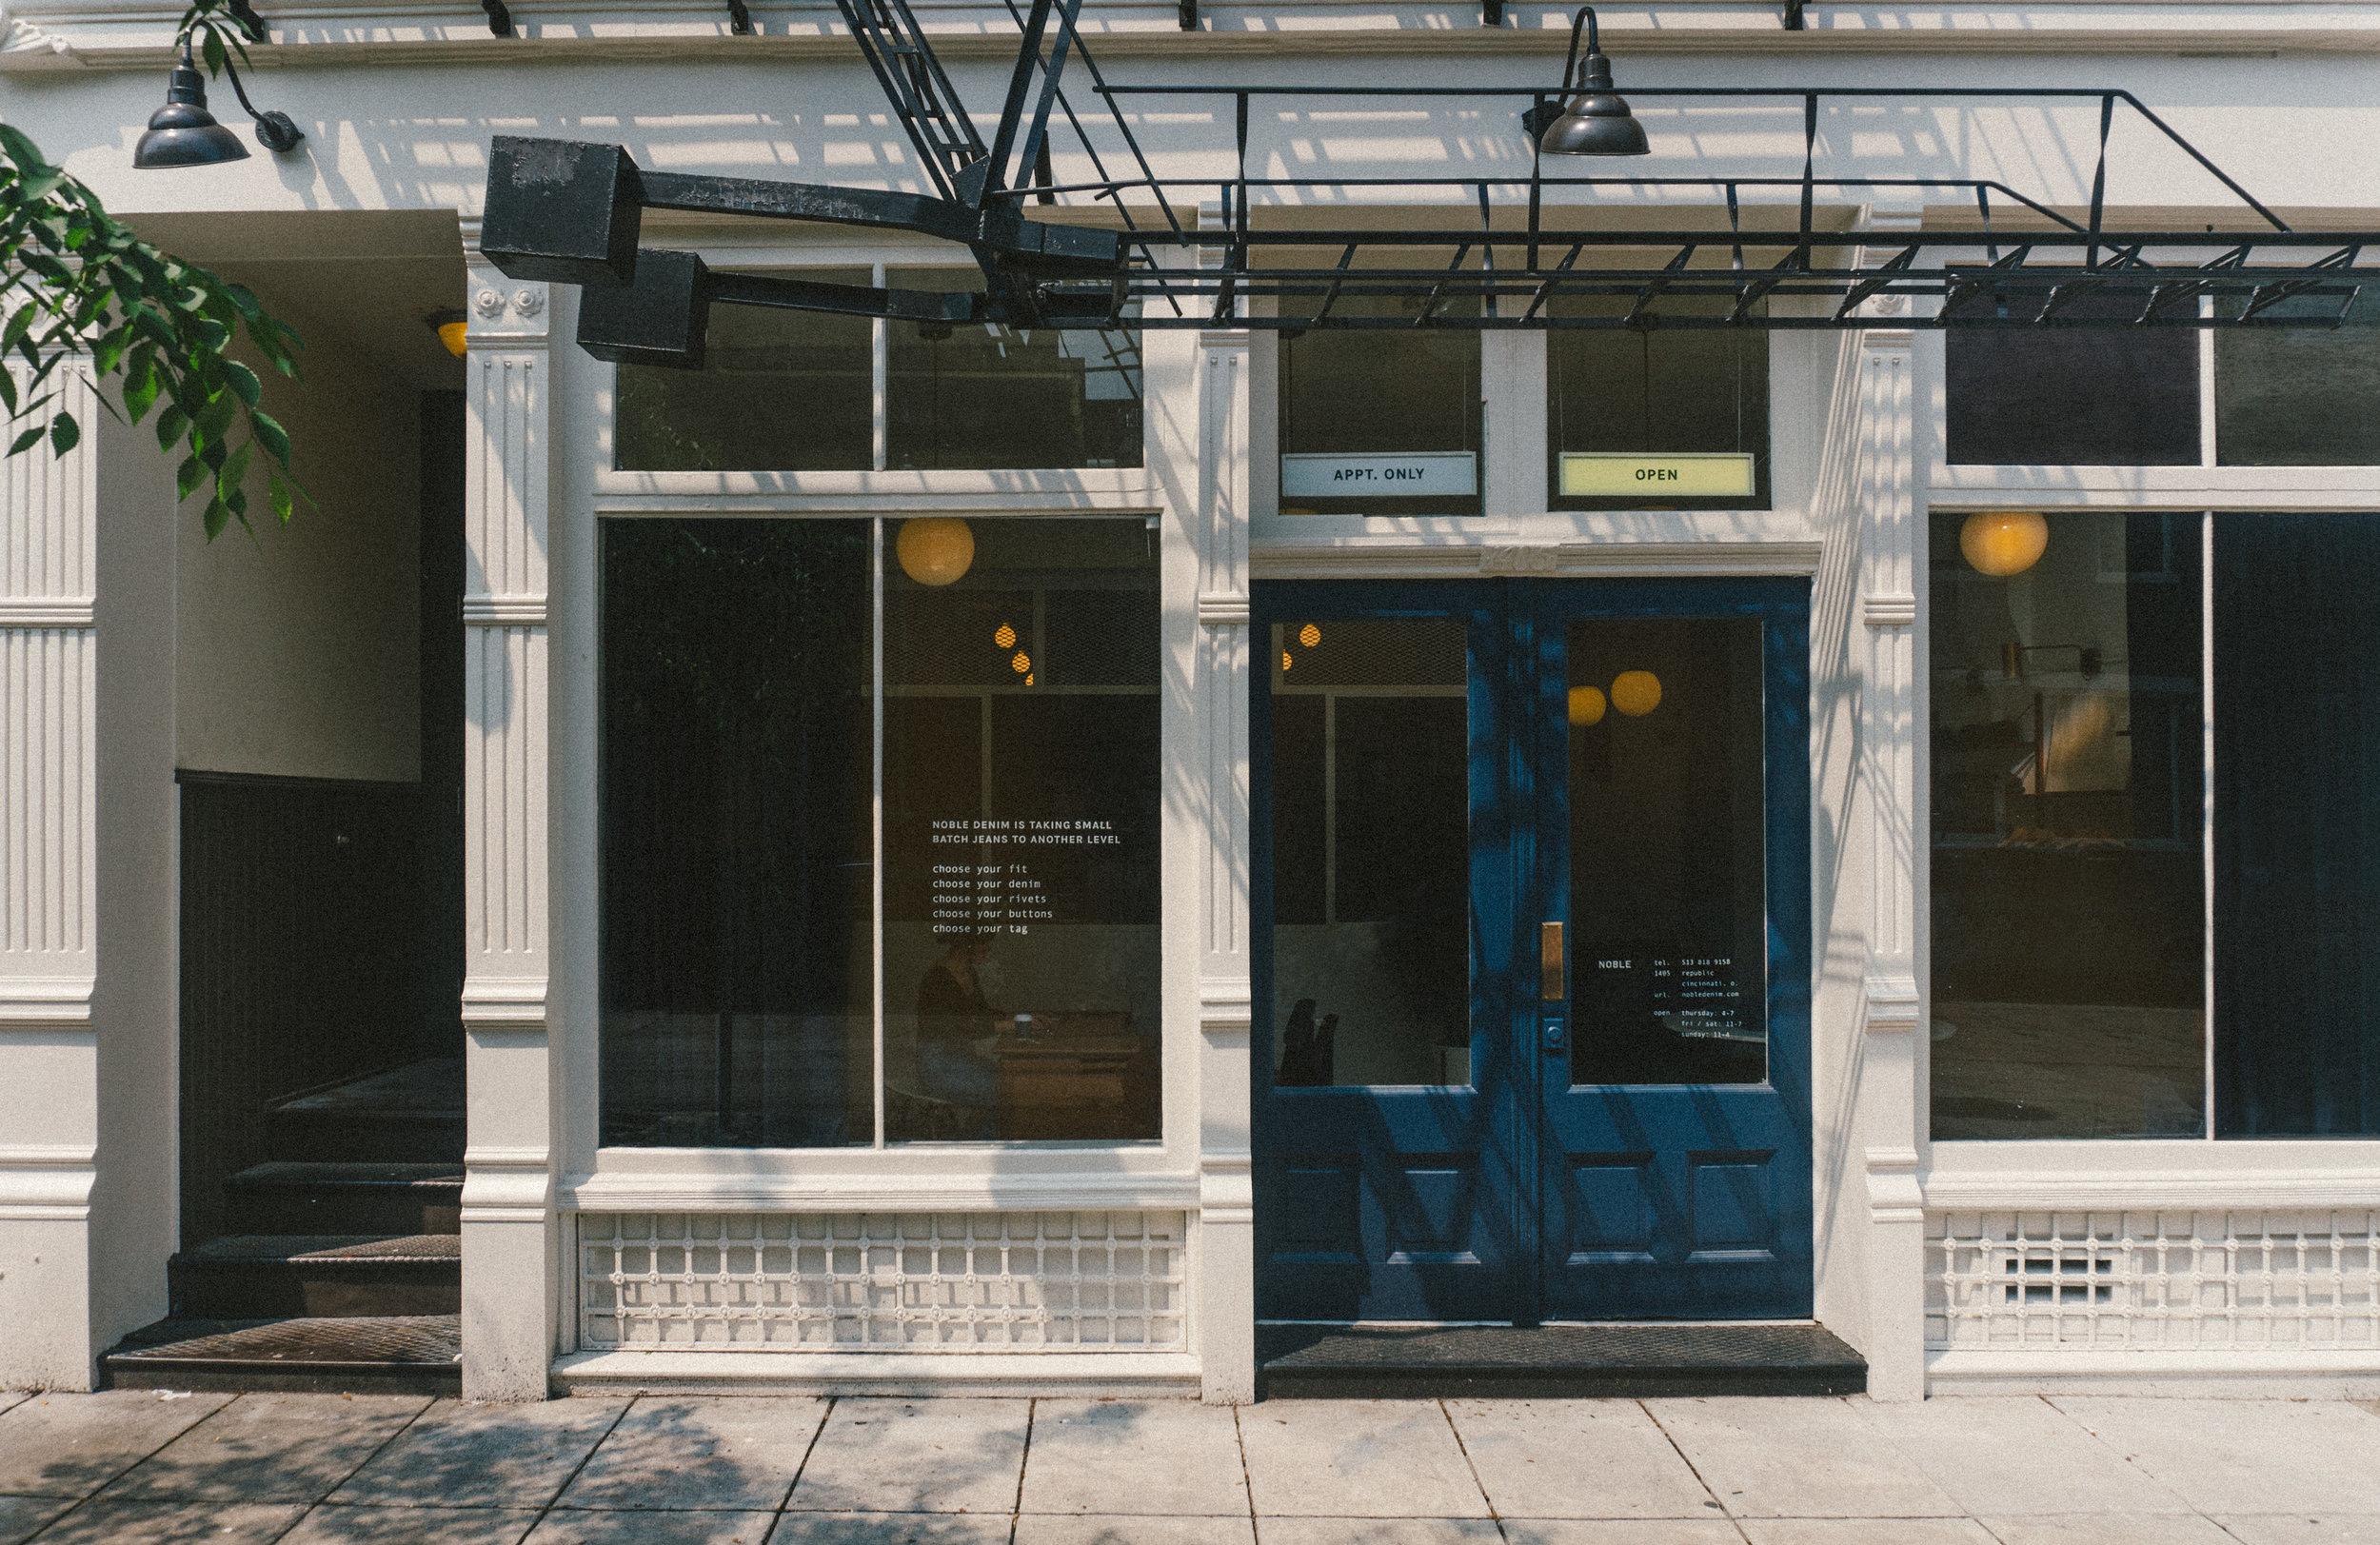 Noble_store 2.jpg